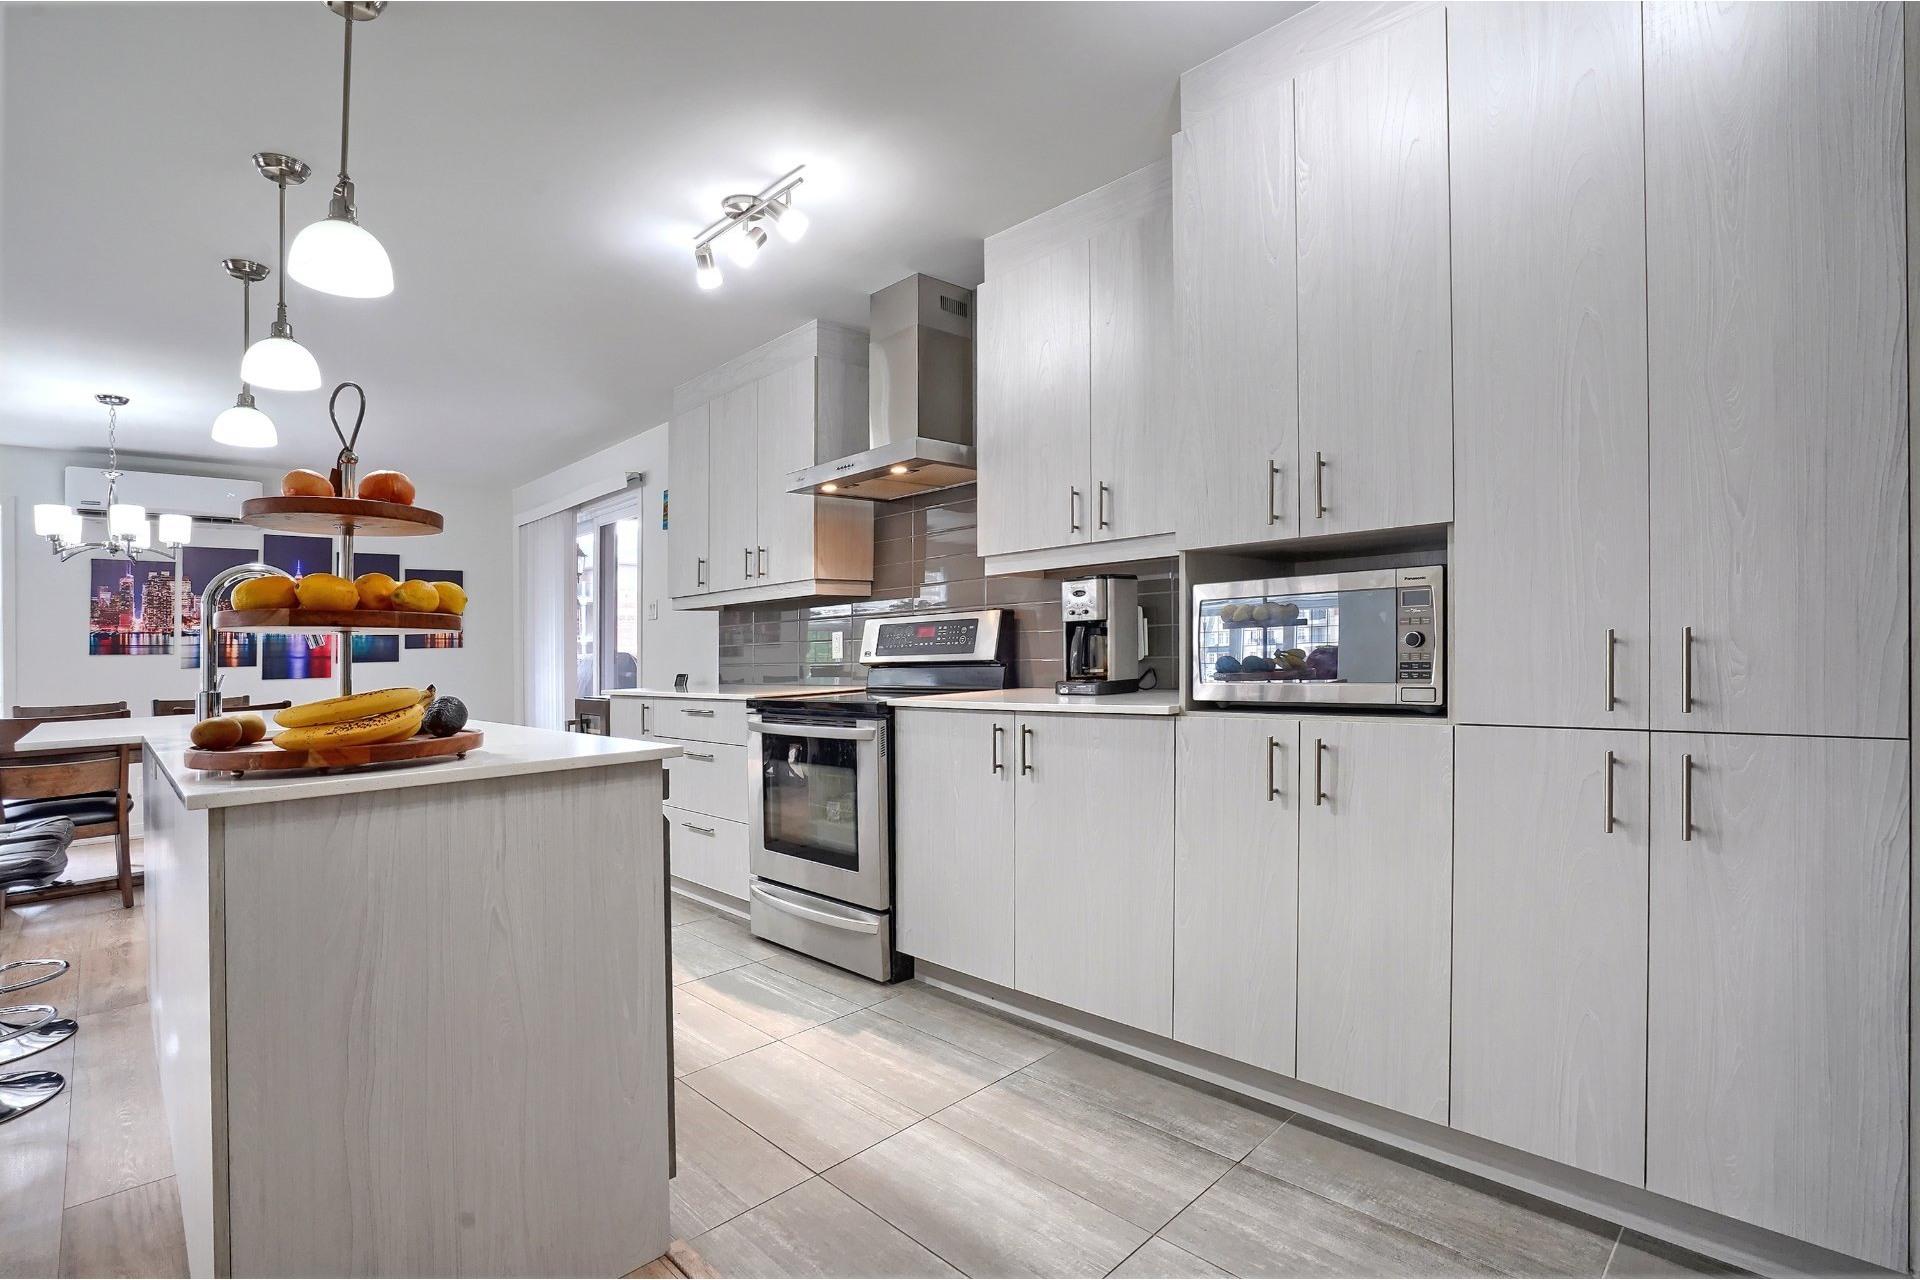 image 12 - Appartement À vendre Brossard - 7 pièces